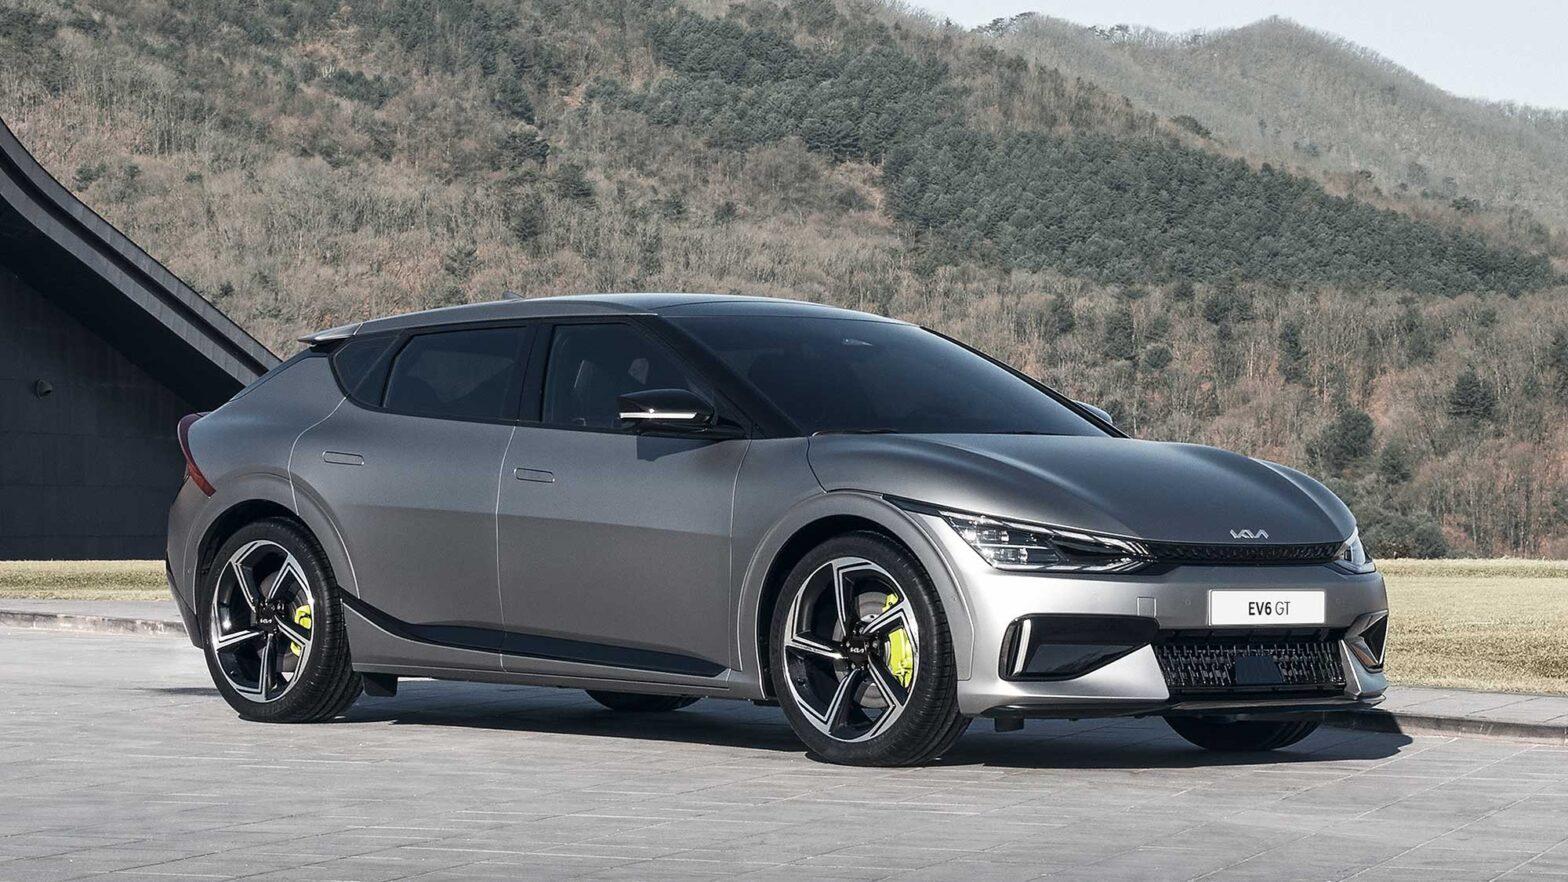 2022 Kia EV6 Battery Electric Vehicle